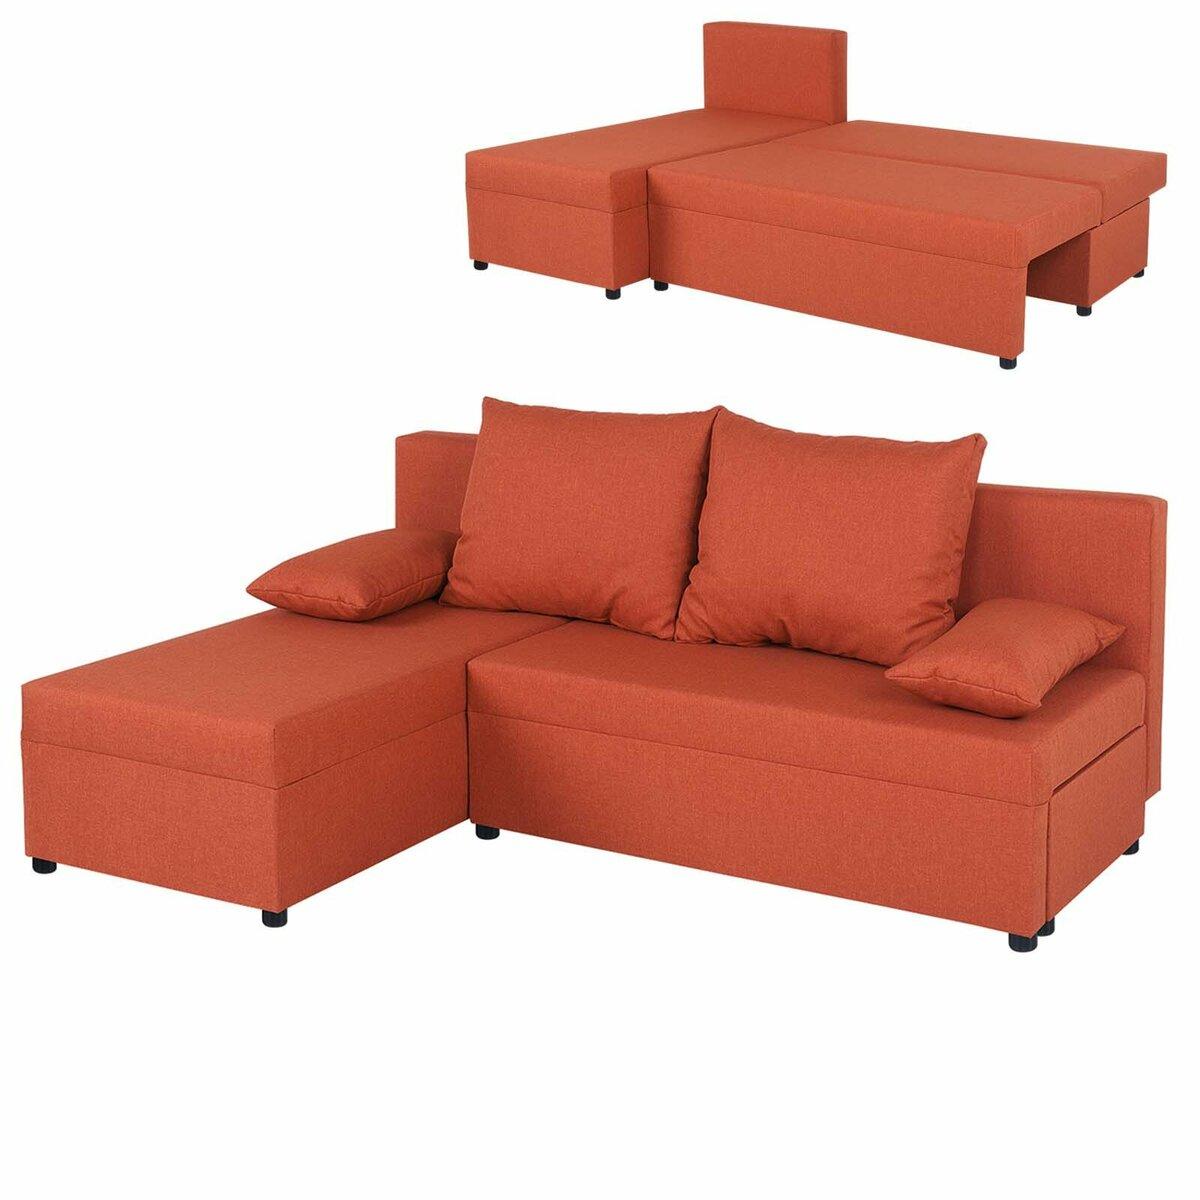 Bild 1 von Ecksofa - orange - Webstoff - mit Liegefunktion